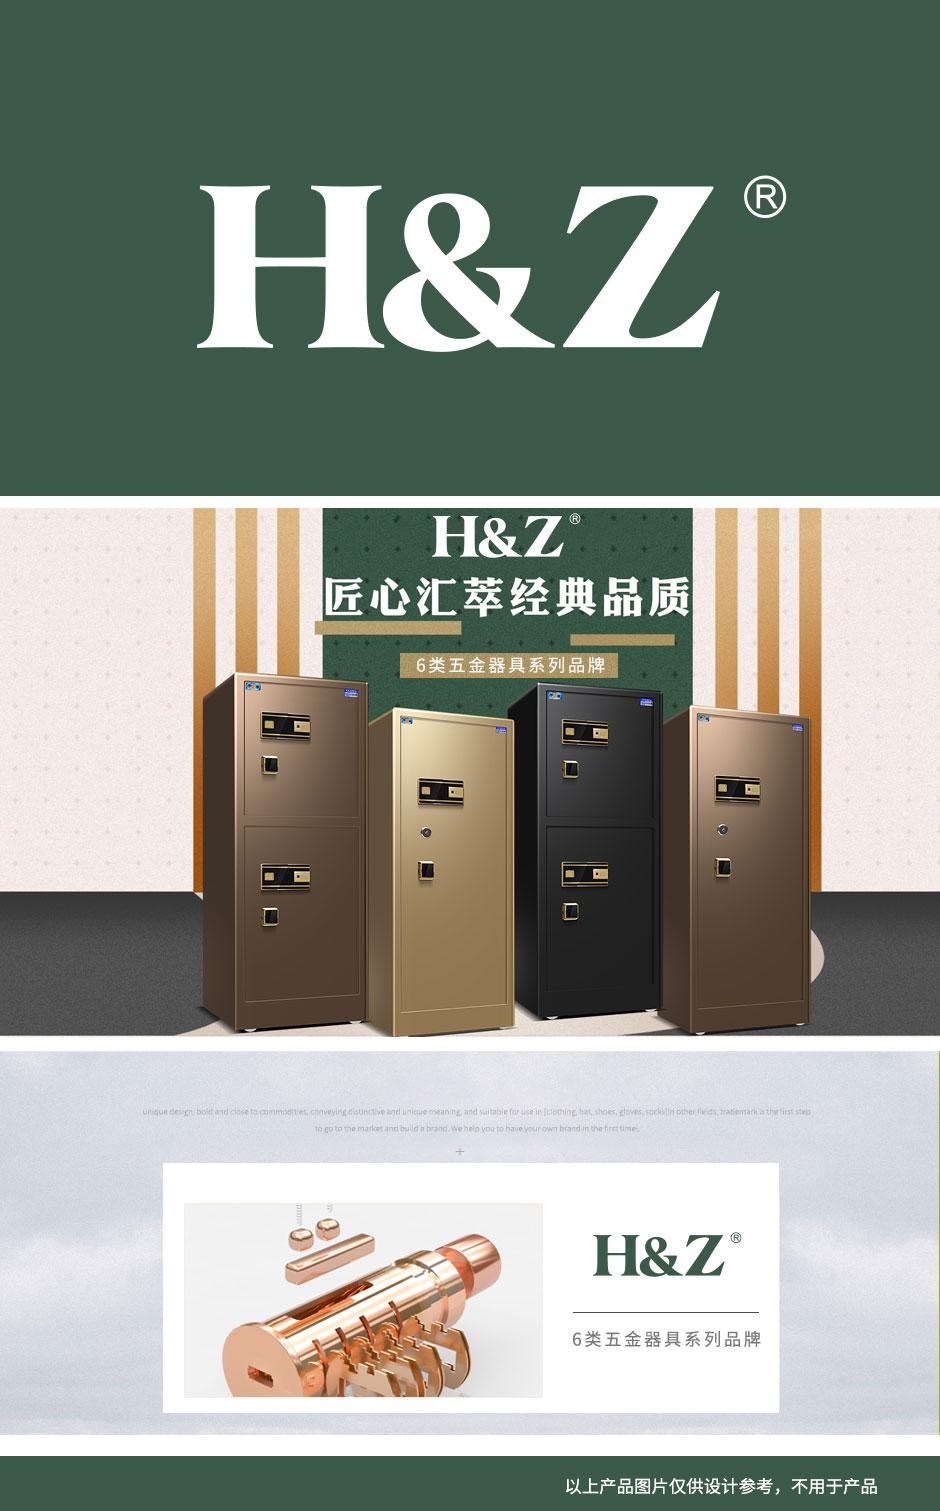 第6类-H&Z